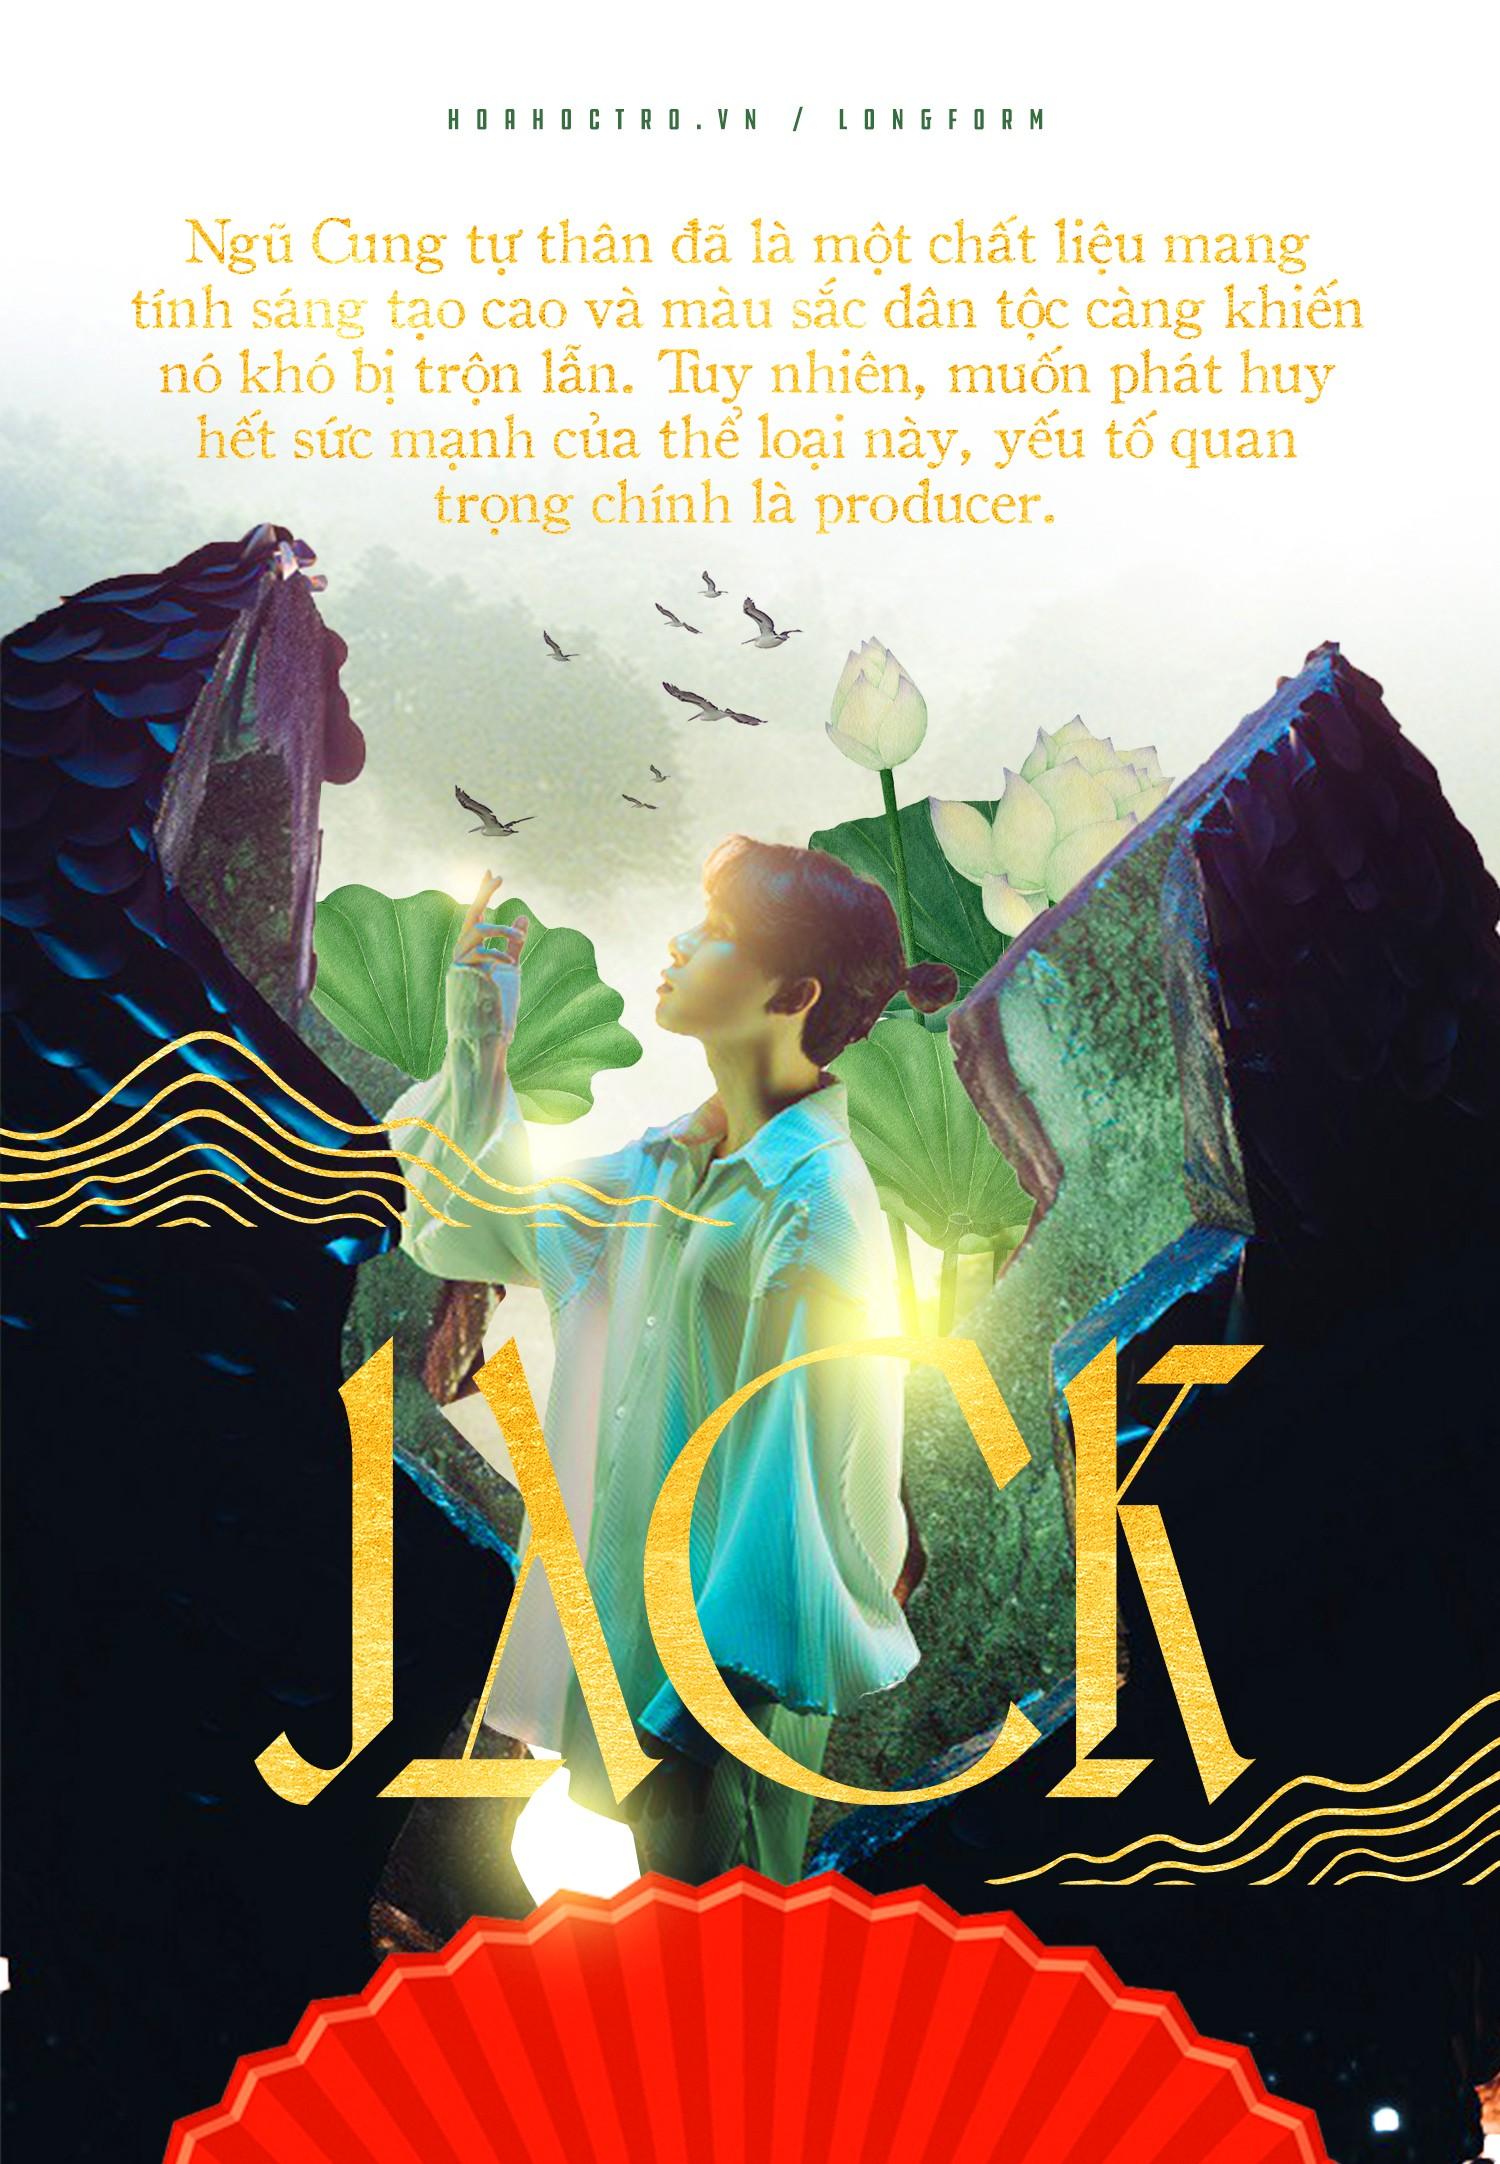 """Nhạc Ngũ Cung có gì """"hot"""" mà từ Hoàng Thùy Linh tới Jack đều gửi trọn niềm tin? ảnh 5"""